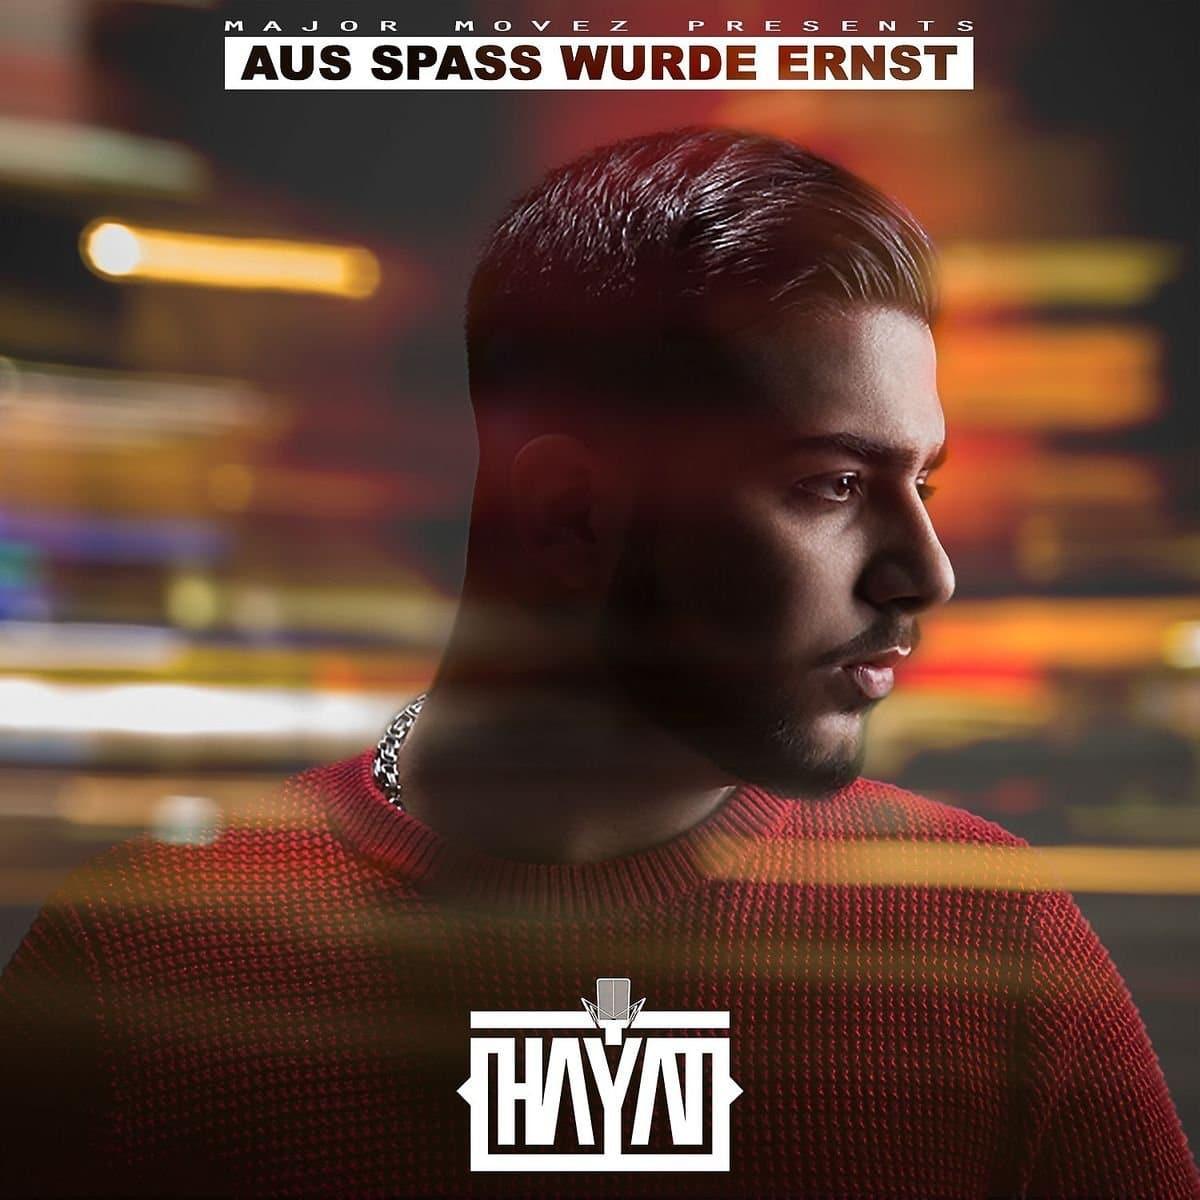 Hayat – Aus Spass wurde Ernst Album Cover